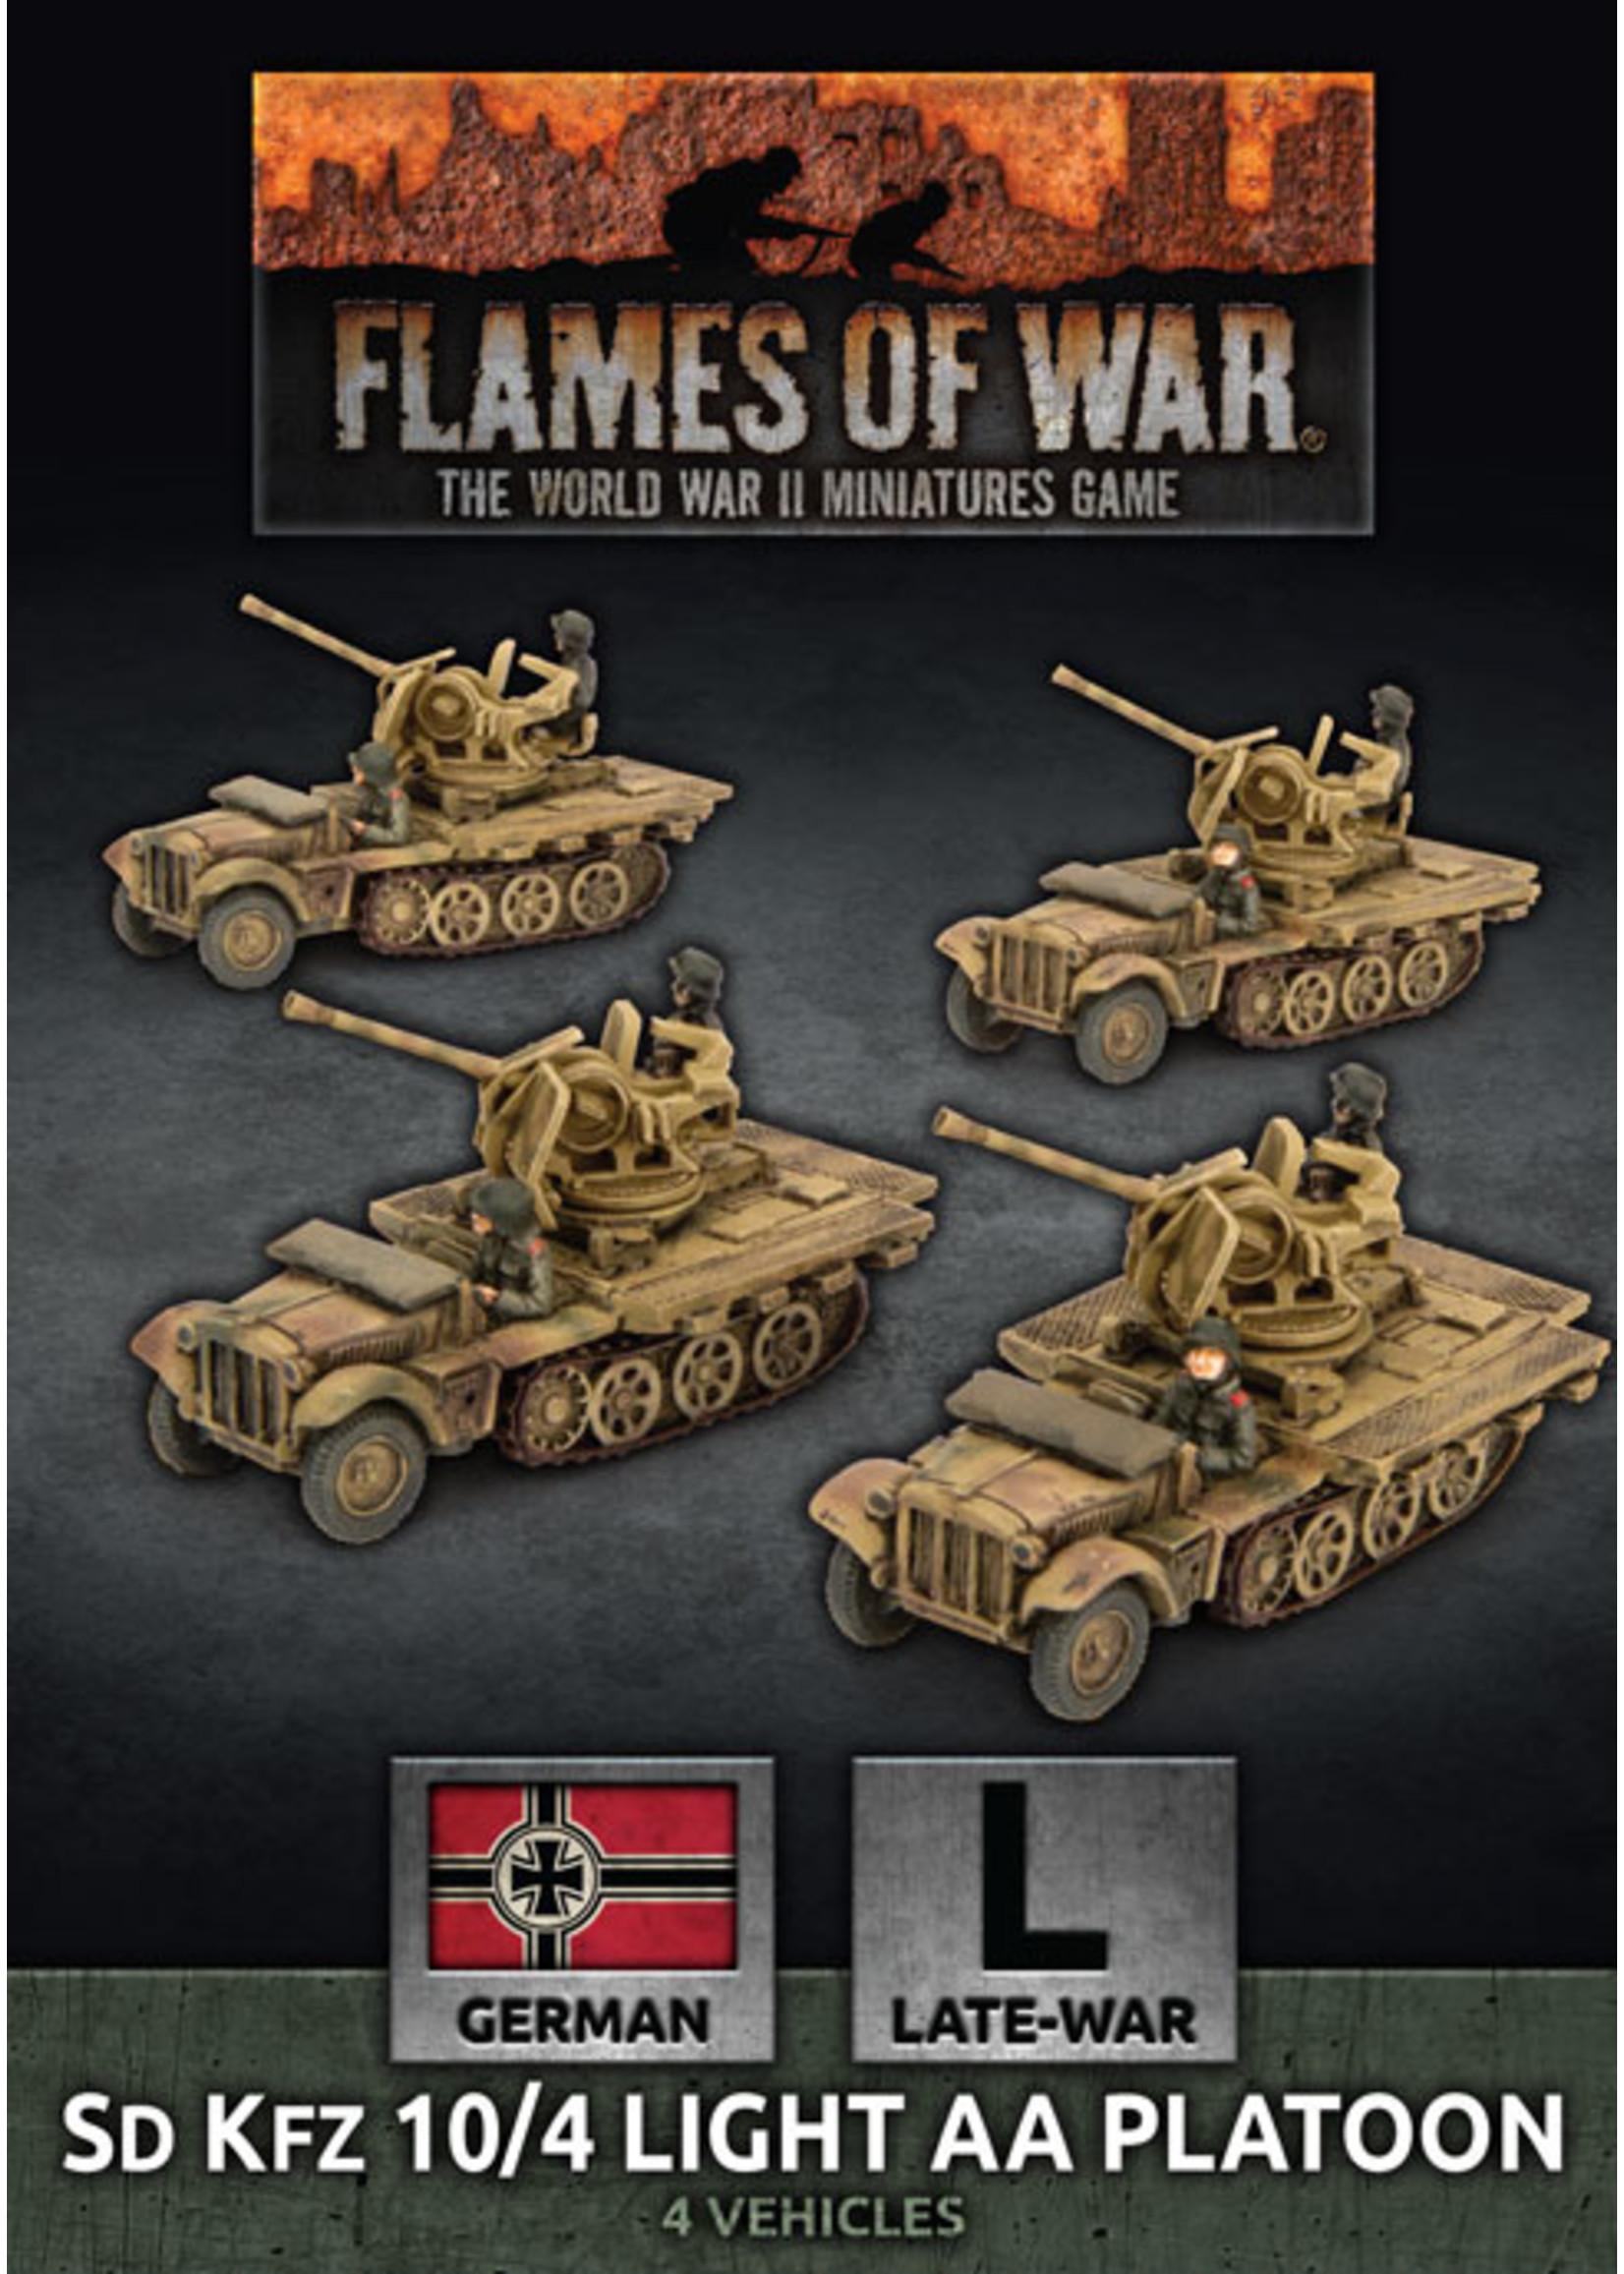 Flames of War: SD KFZ 10/4 Light AA Platoon